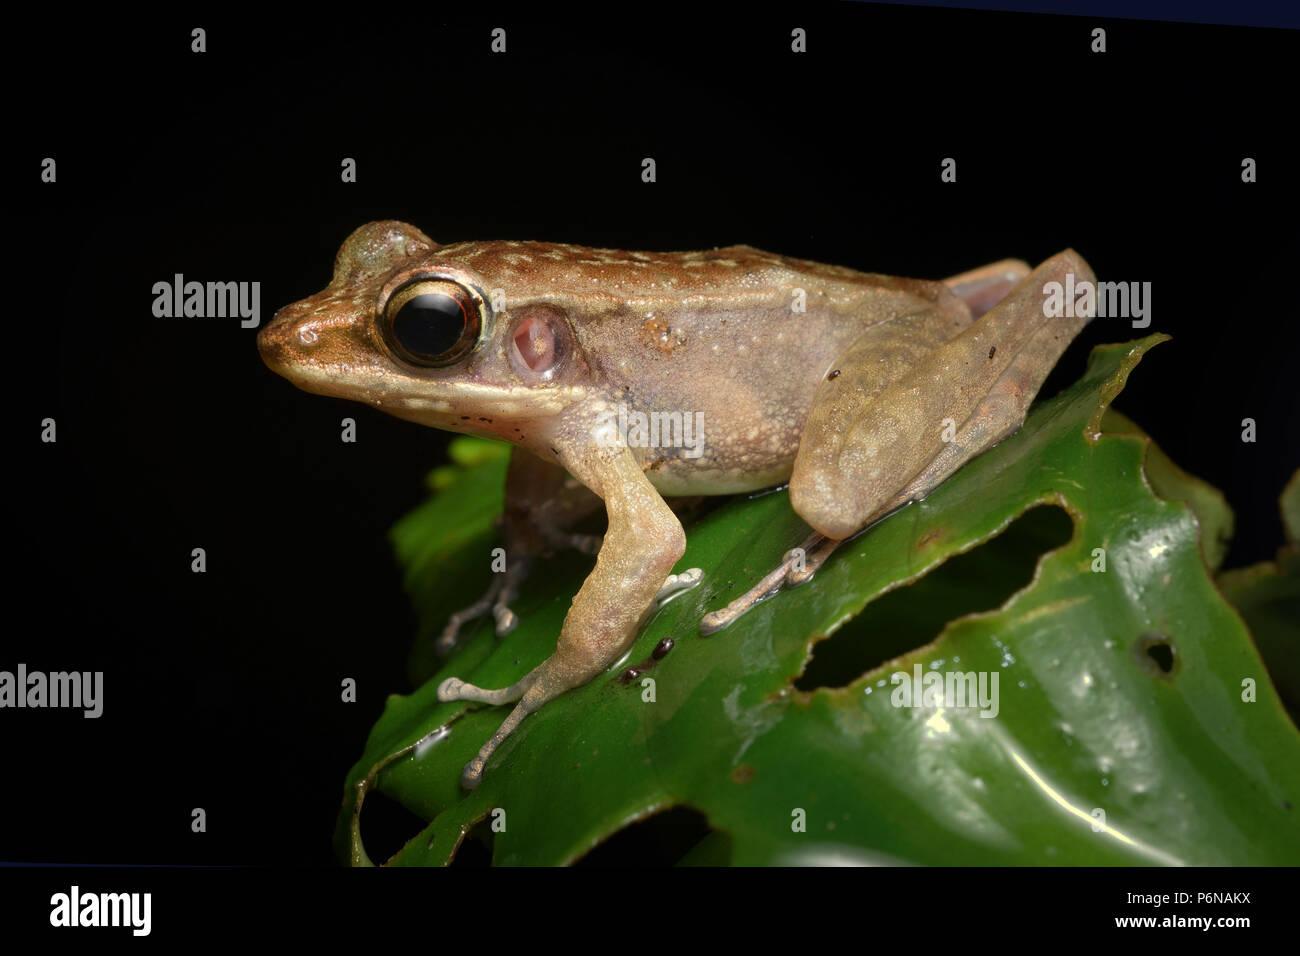 Montane torrent frog Meristogenys amoropalamus - Stock Image